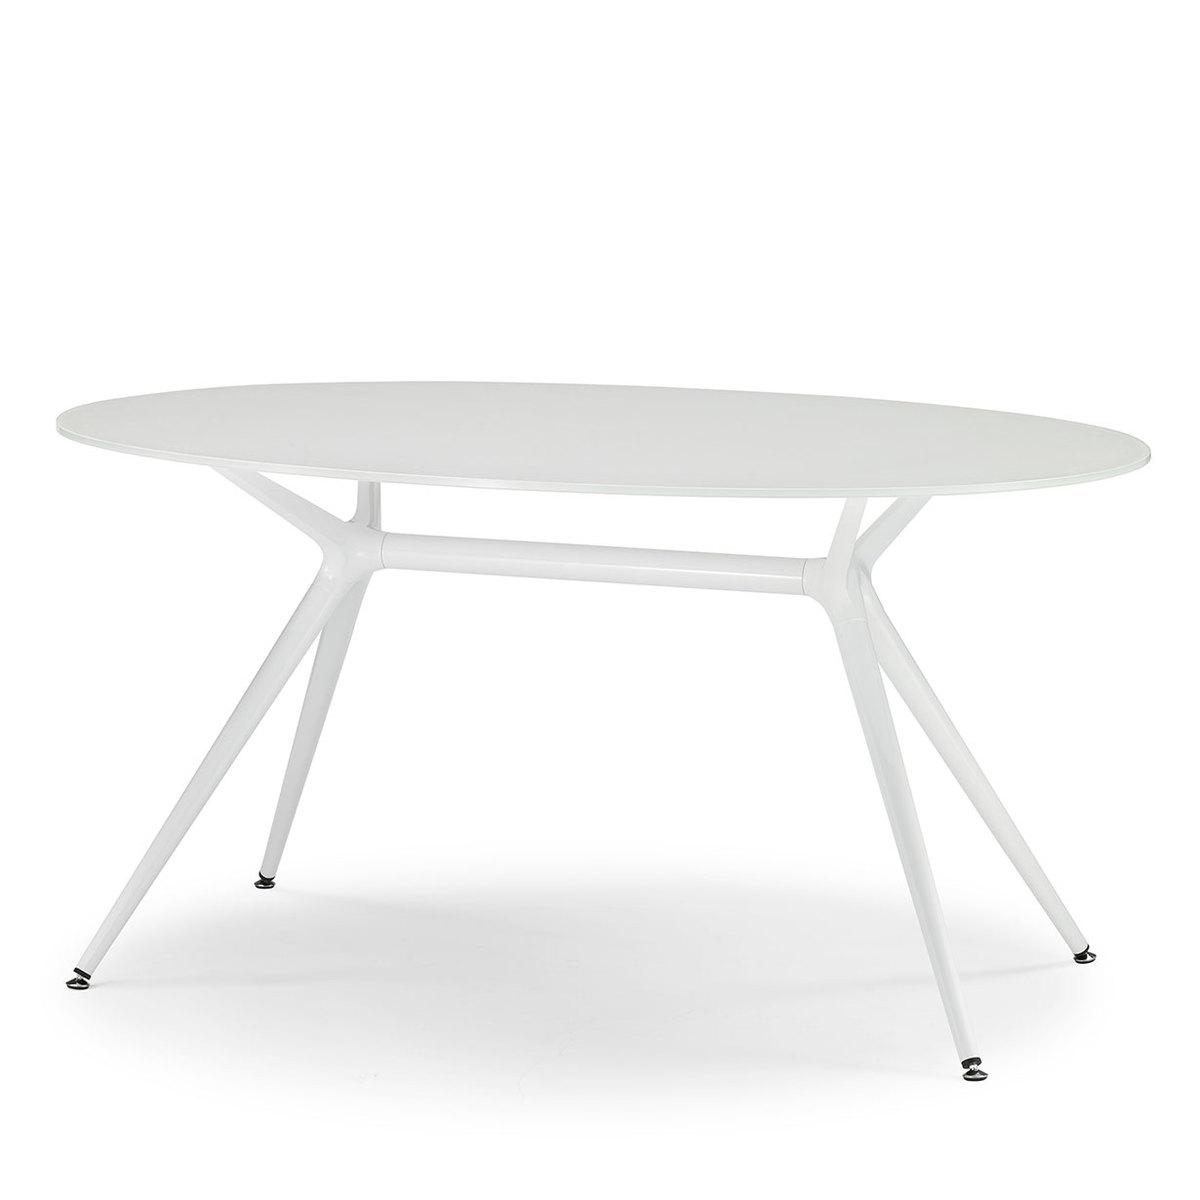 Tavolo ovale metropolis bianco by scab design lovethesign - Tavolo ovale mondo convenienza ...